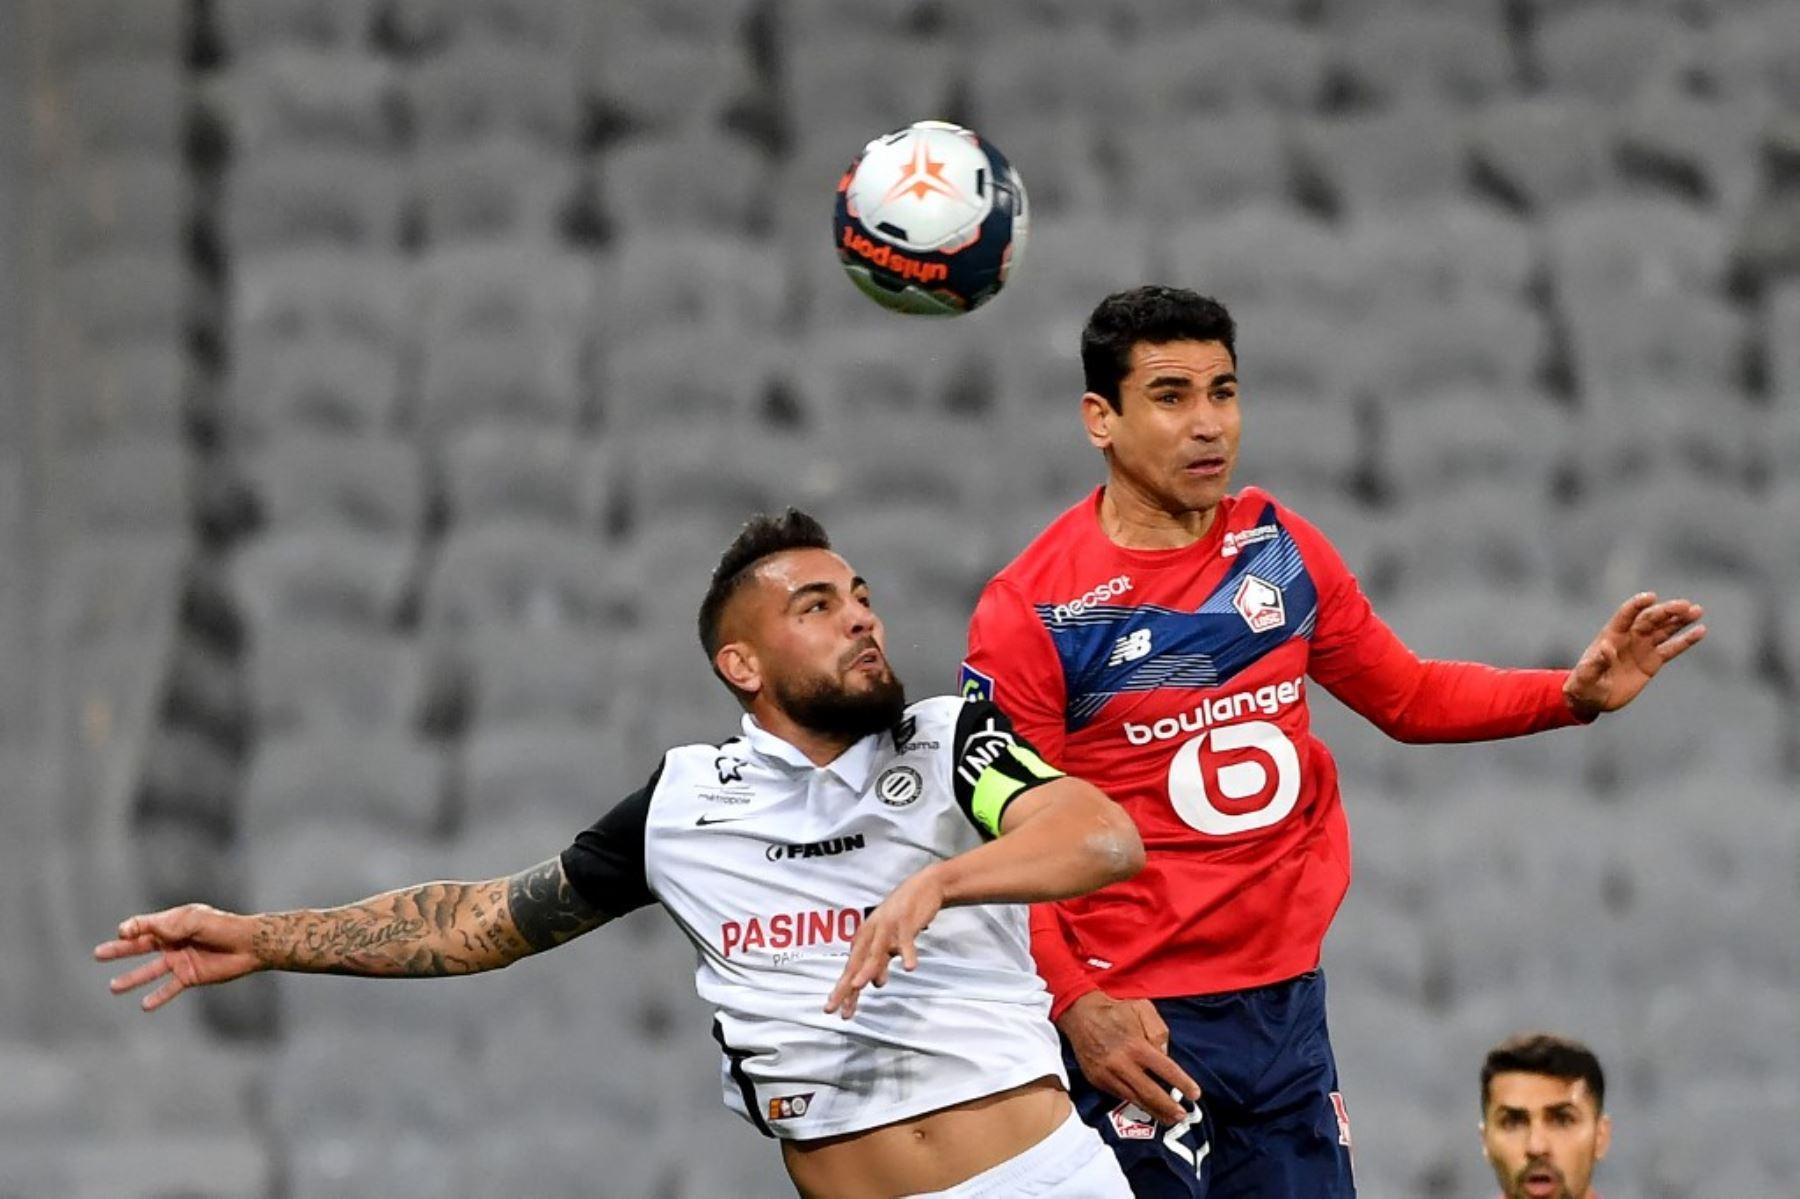 El delantero argelino de Montpellier Andy Delort (L) encabeza el balón con el centrocampista francés del Lille Benjamin Andre durante el partido de fútbol francés L1 entre Lille LOSC y Montpellier Herault SC en el estadio Pierre-Mauroy en Villeneuve-d